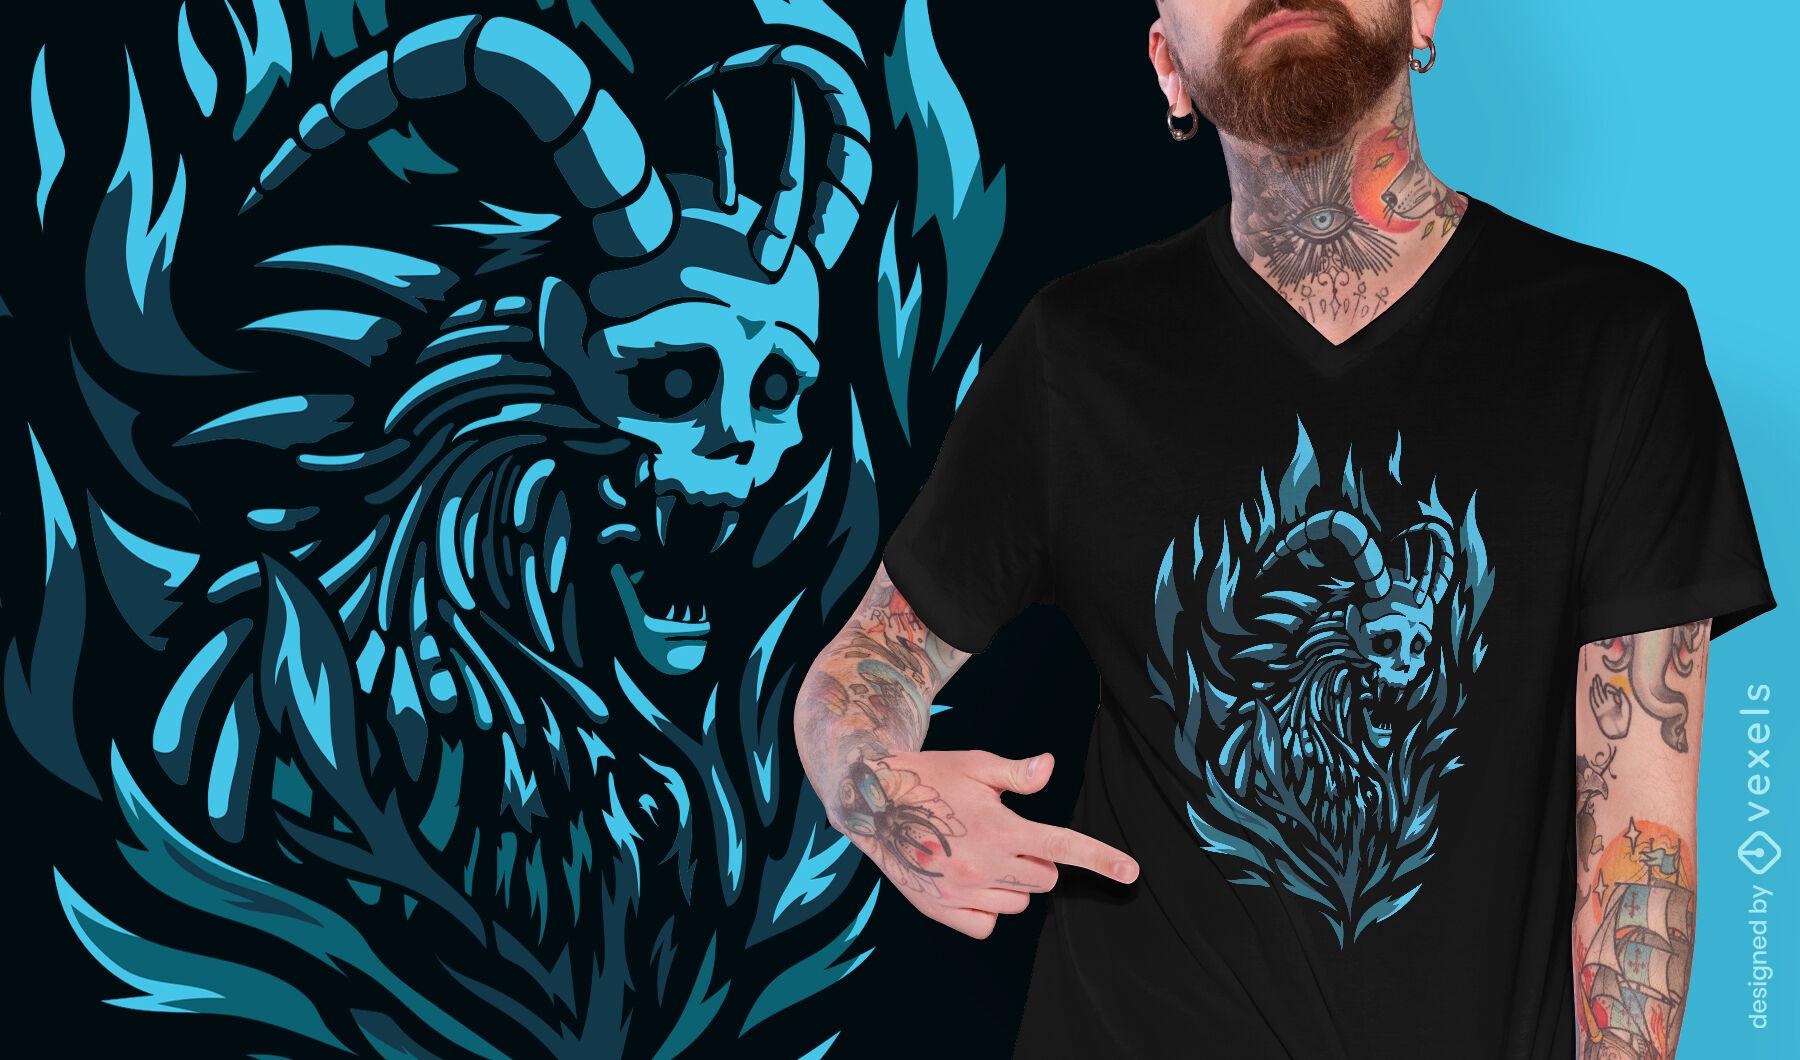 Skeleton demon dark creature t-shirt design